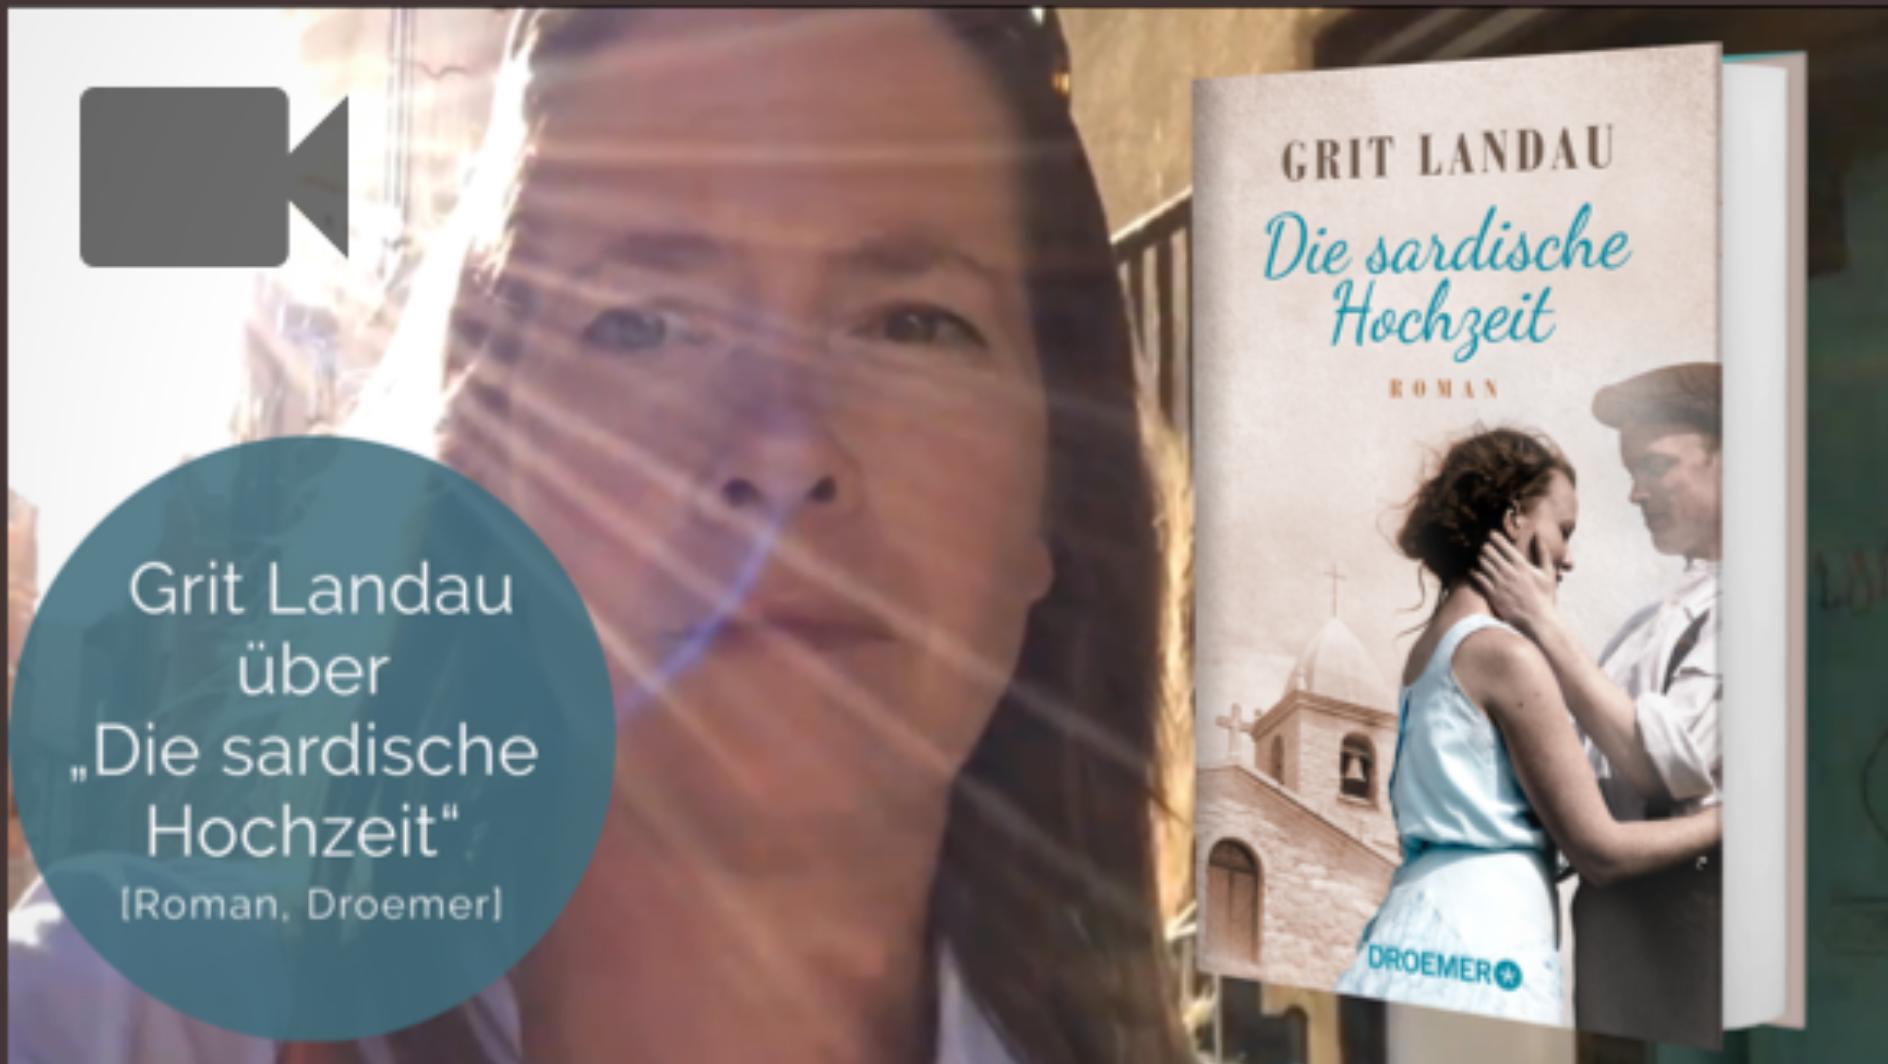 """Making-of-Film zu """"Die sardische Hochzeit"""" (Sardinien-Roman, Droemer)"""